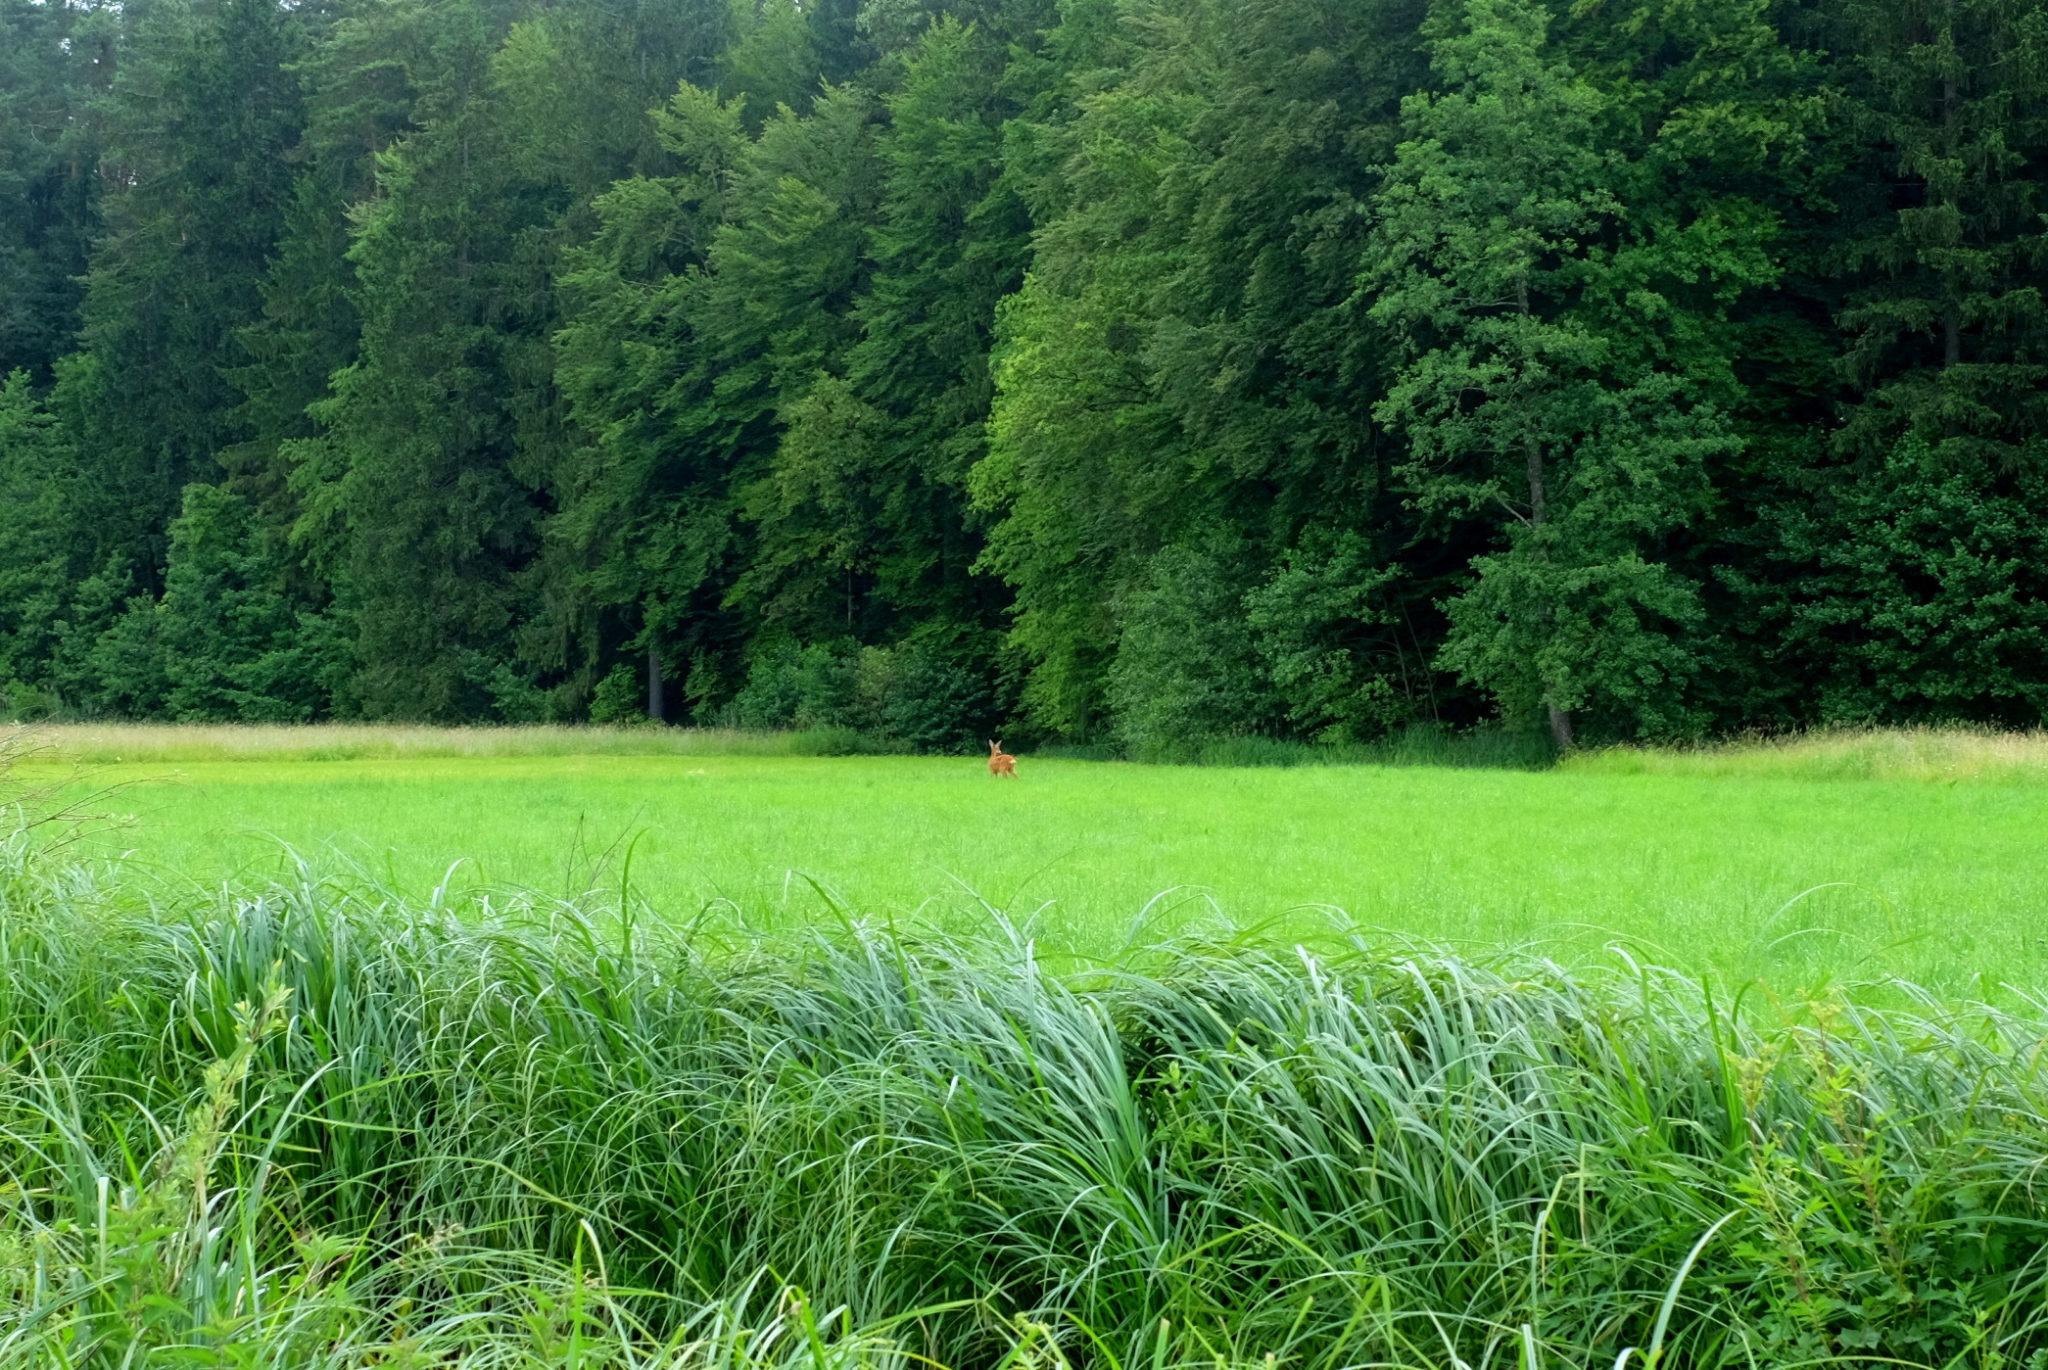 The first deer lurking from high grass.